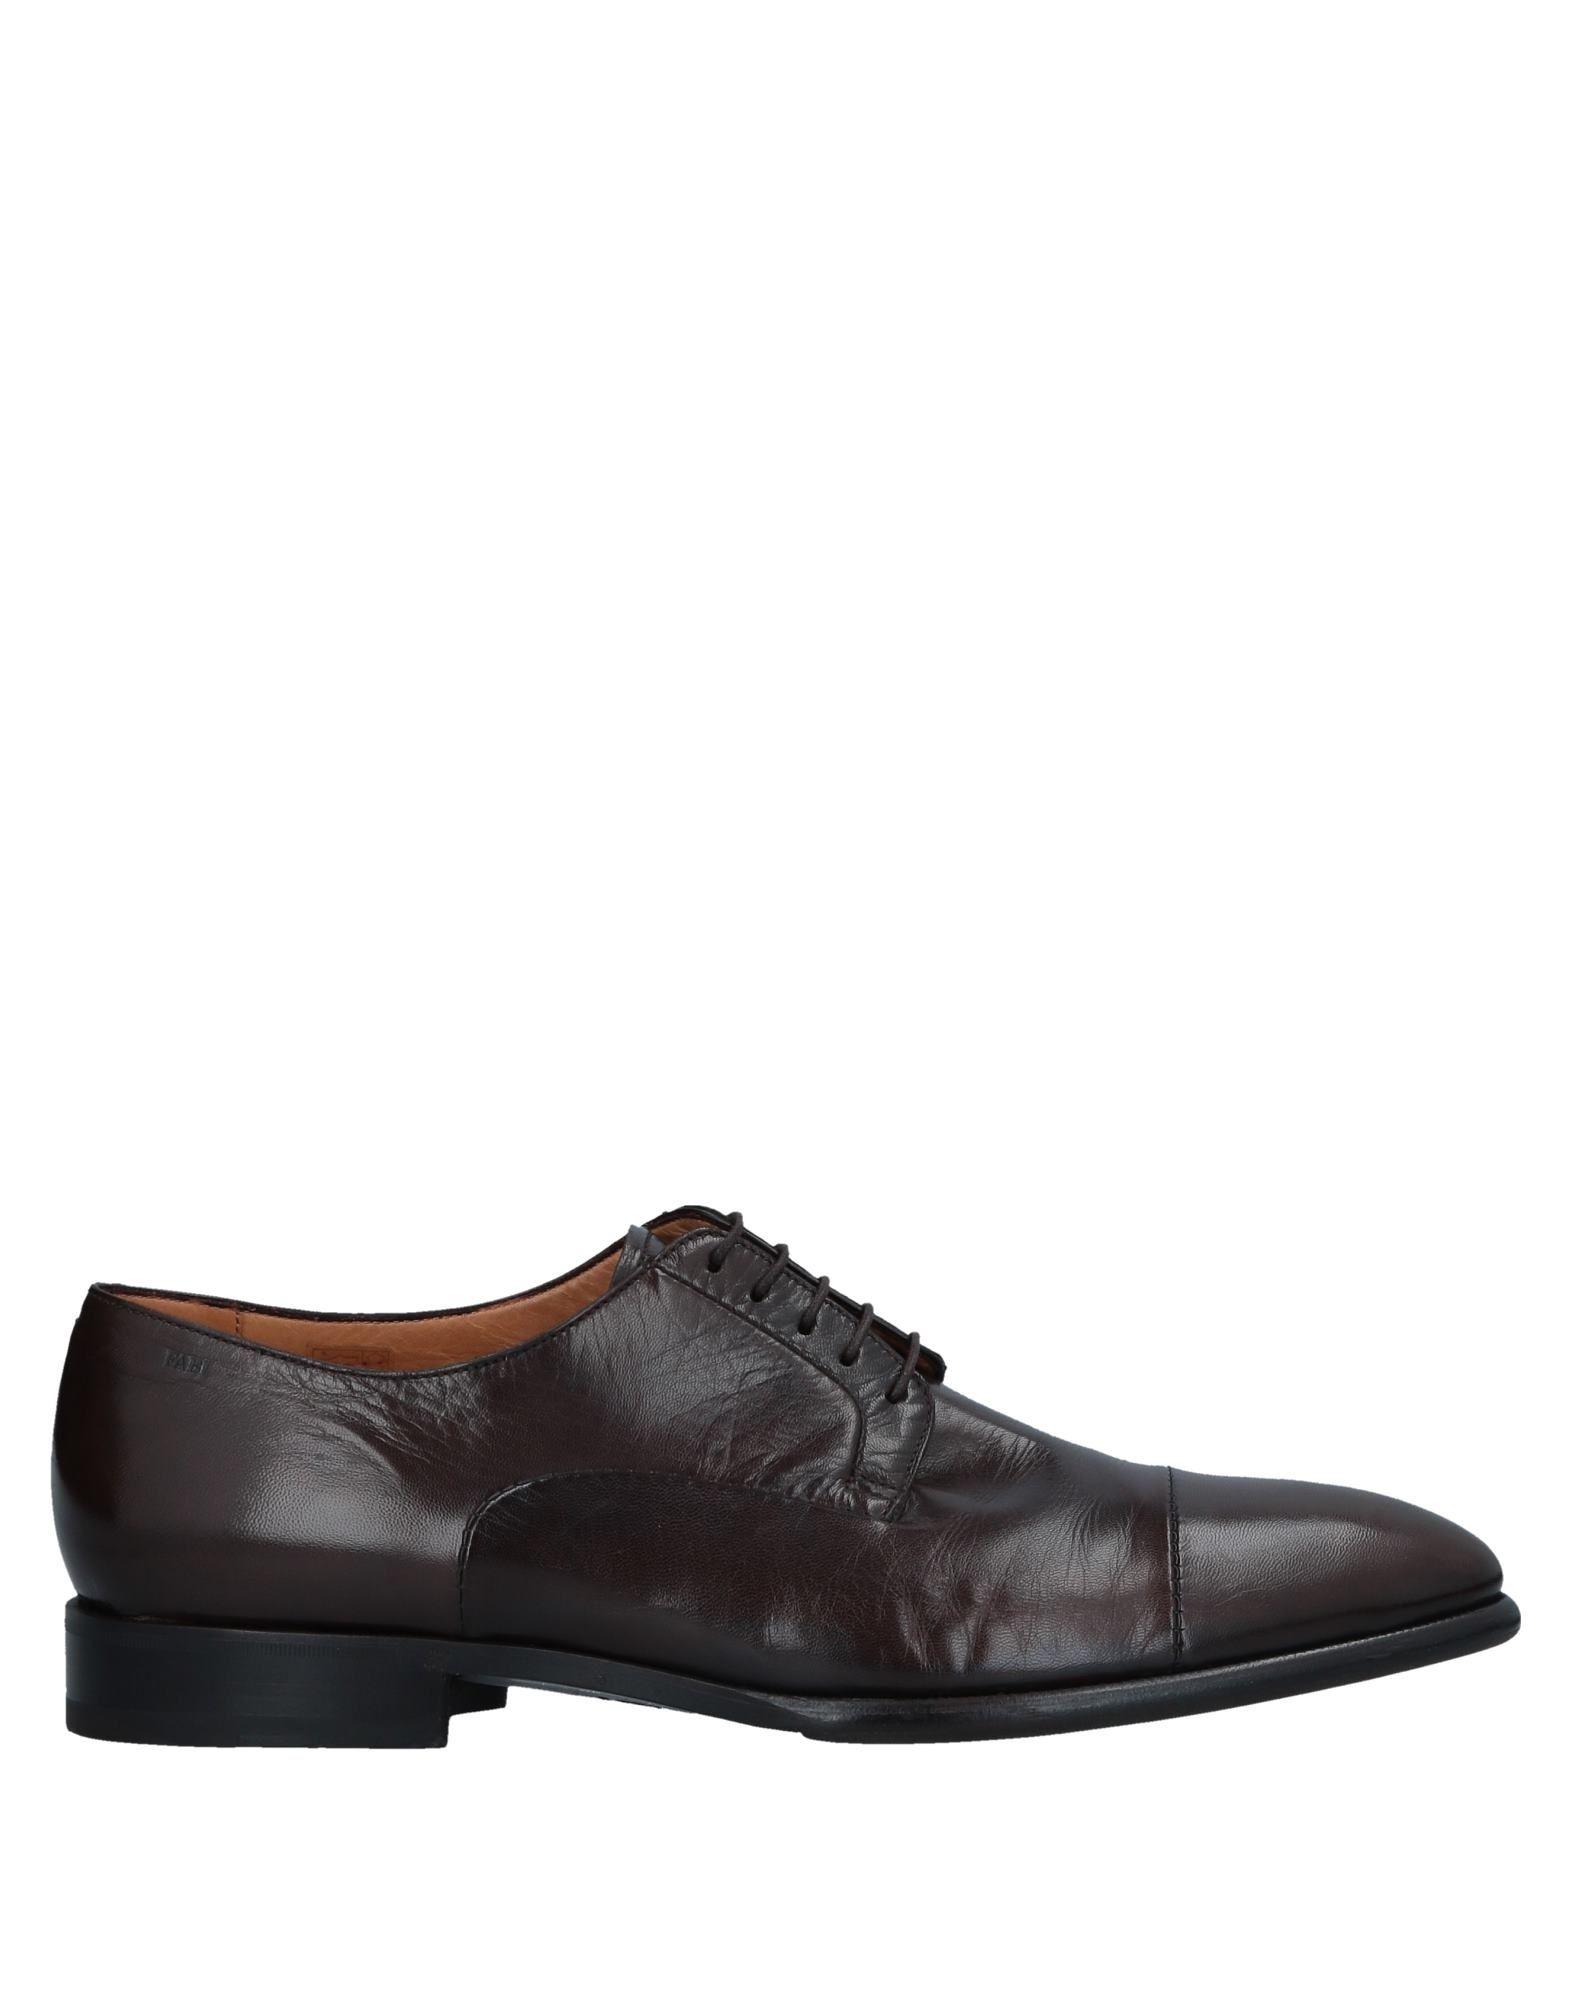 Fabi Schnürschuhe Herren  11532314GL Gute Qualität beliebte Schuhe